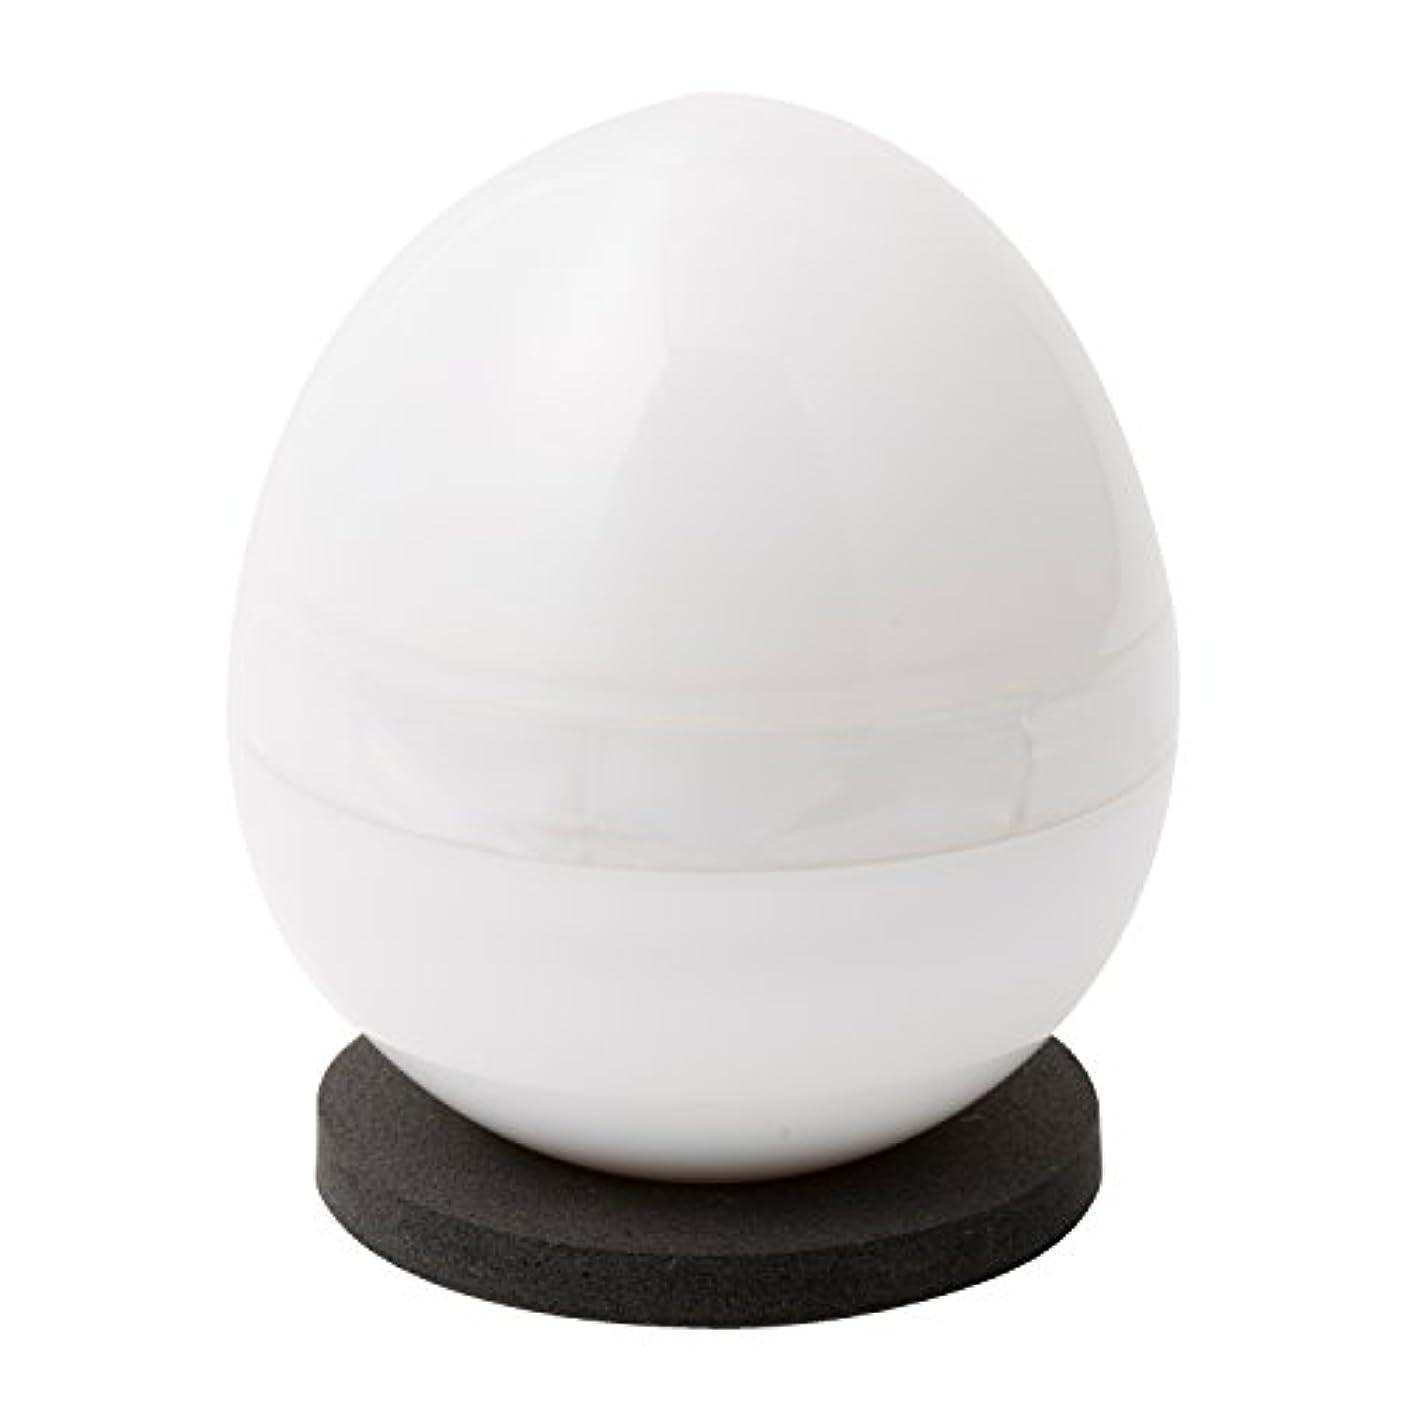 返済感覚不適日本製正規品 ユビタマゴ マーブルホワイト